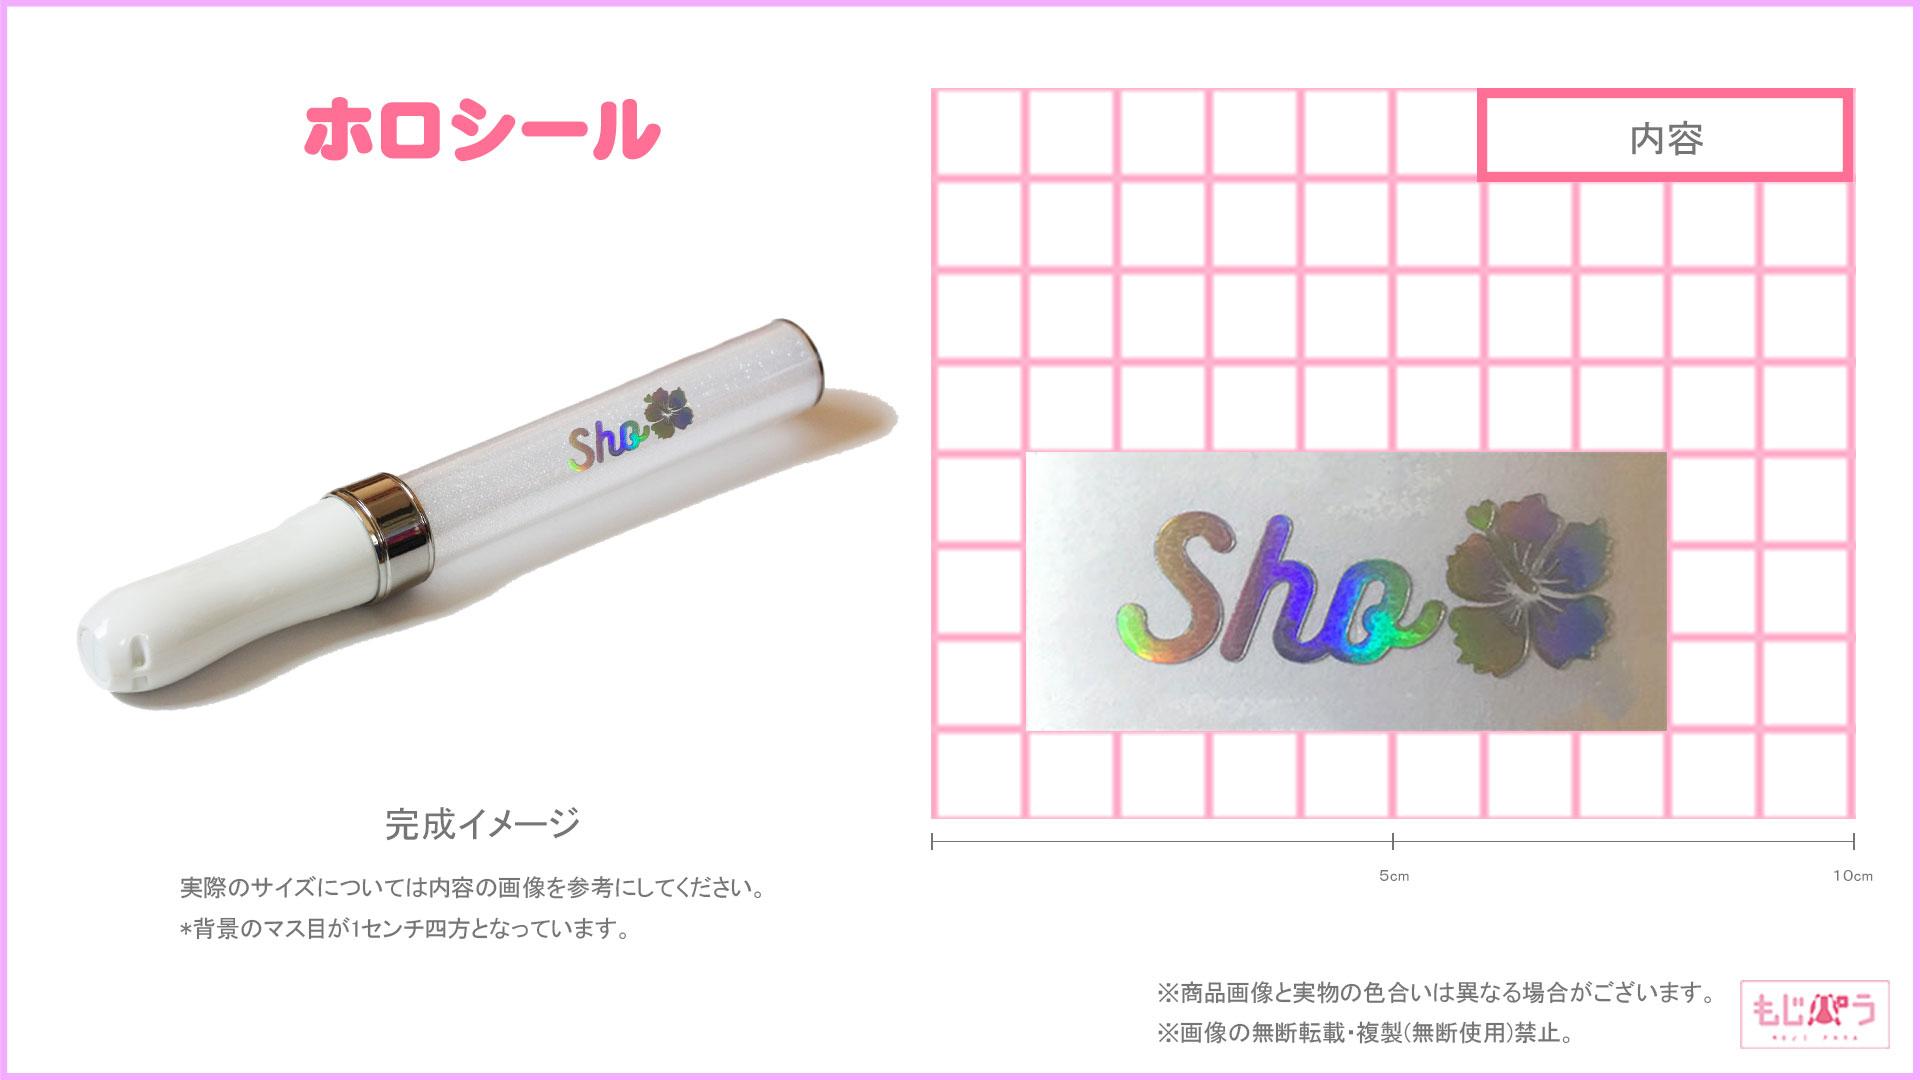 ホロシール【sho】画像